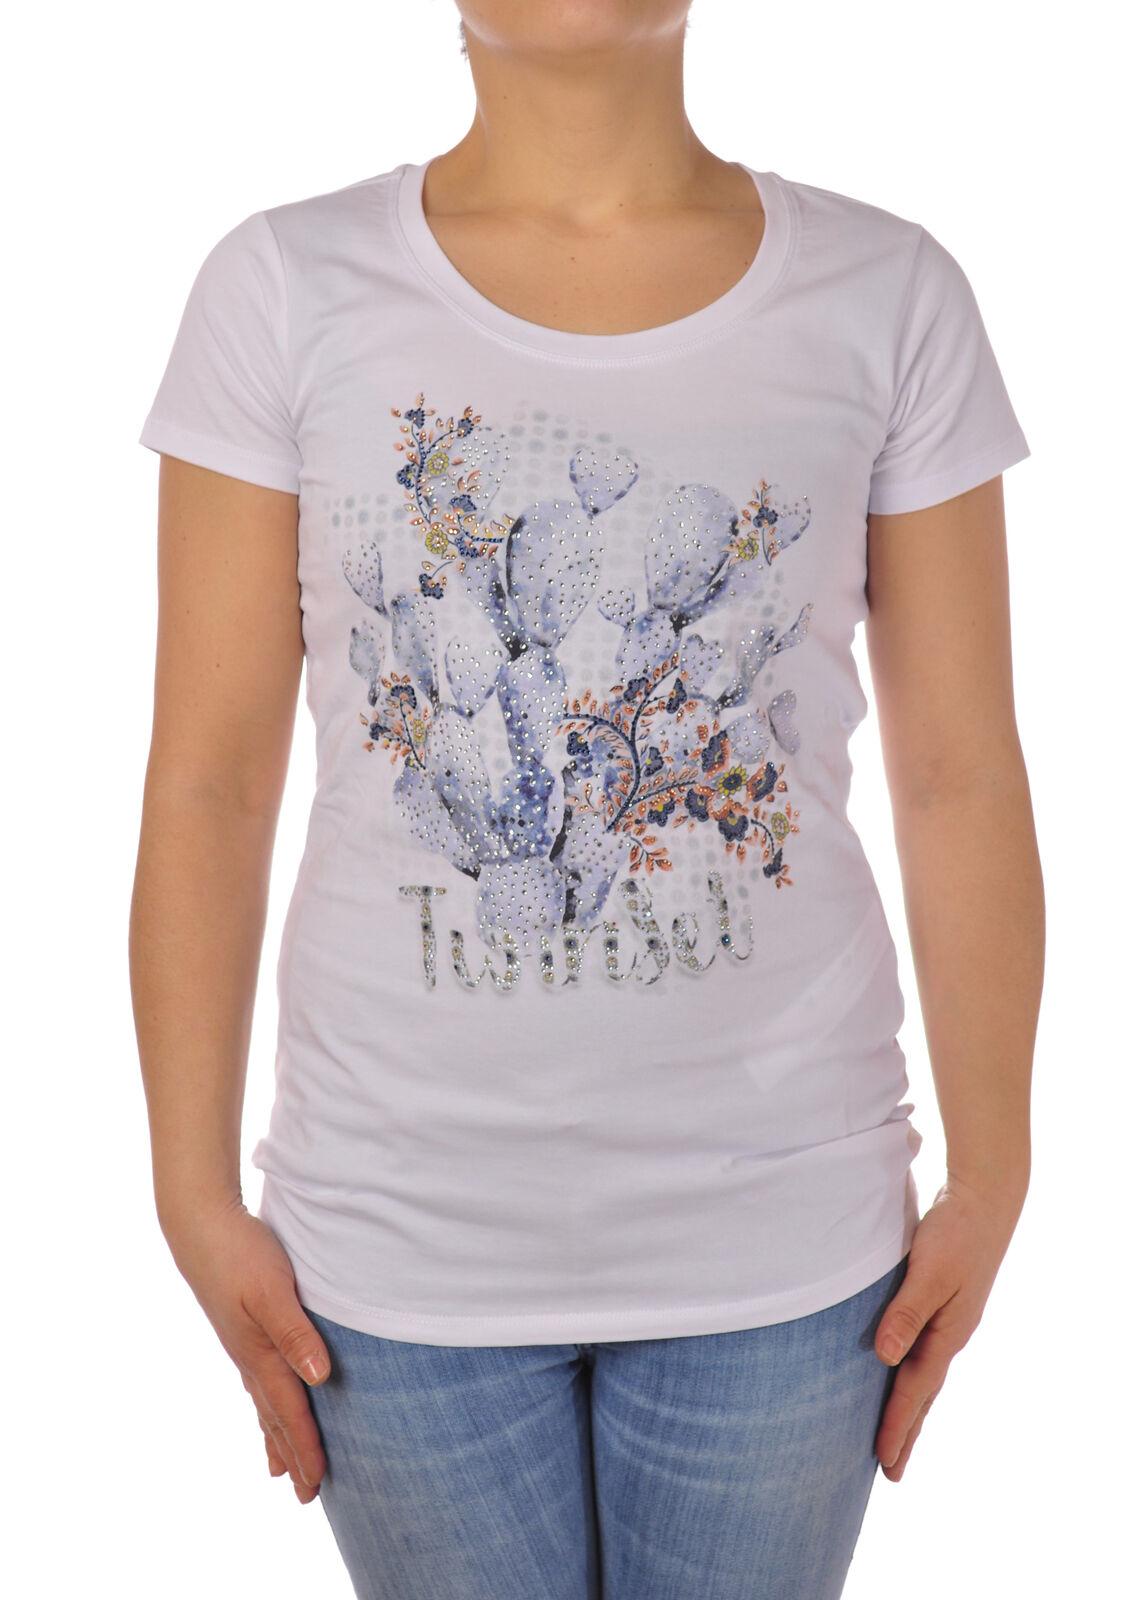 Twin Set - Topwear-T-shirts - Woman - Weiß - 5079202F184406